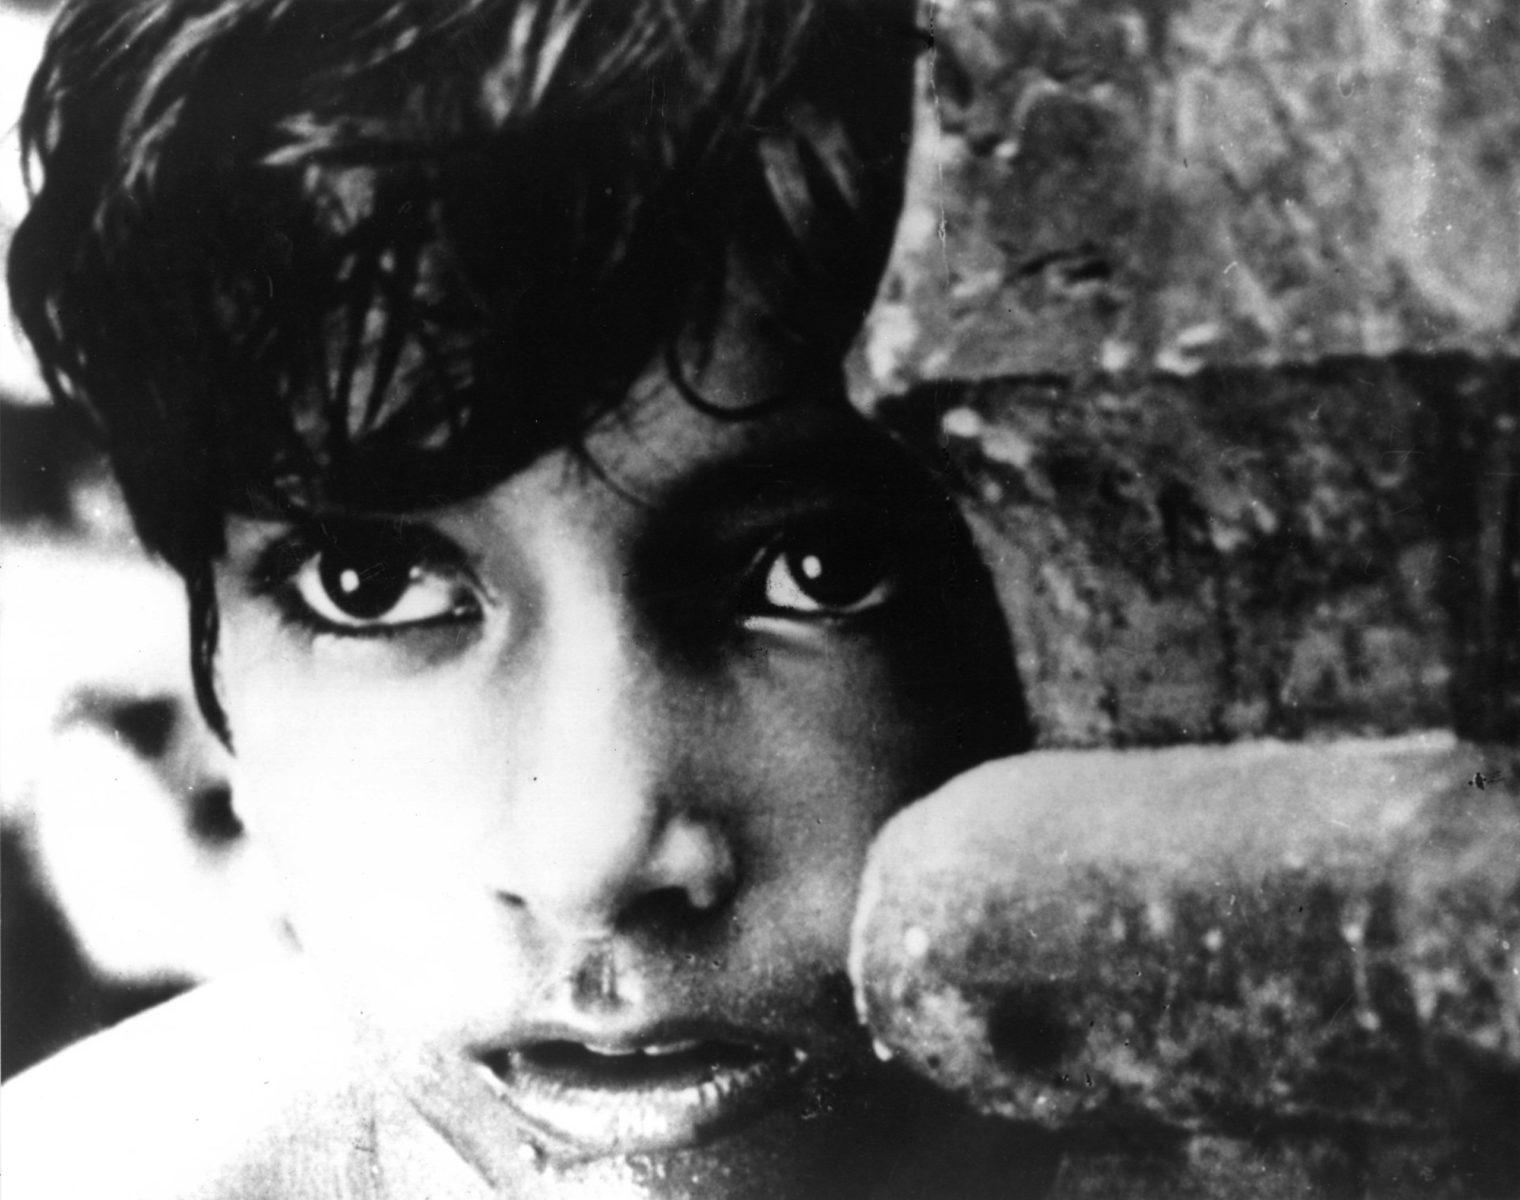 Pather Panchali Satyajit RAY (1955)